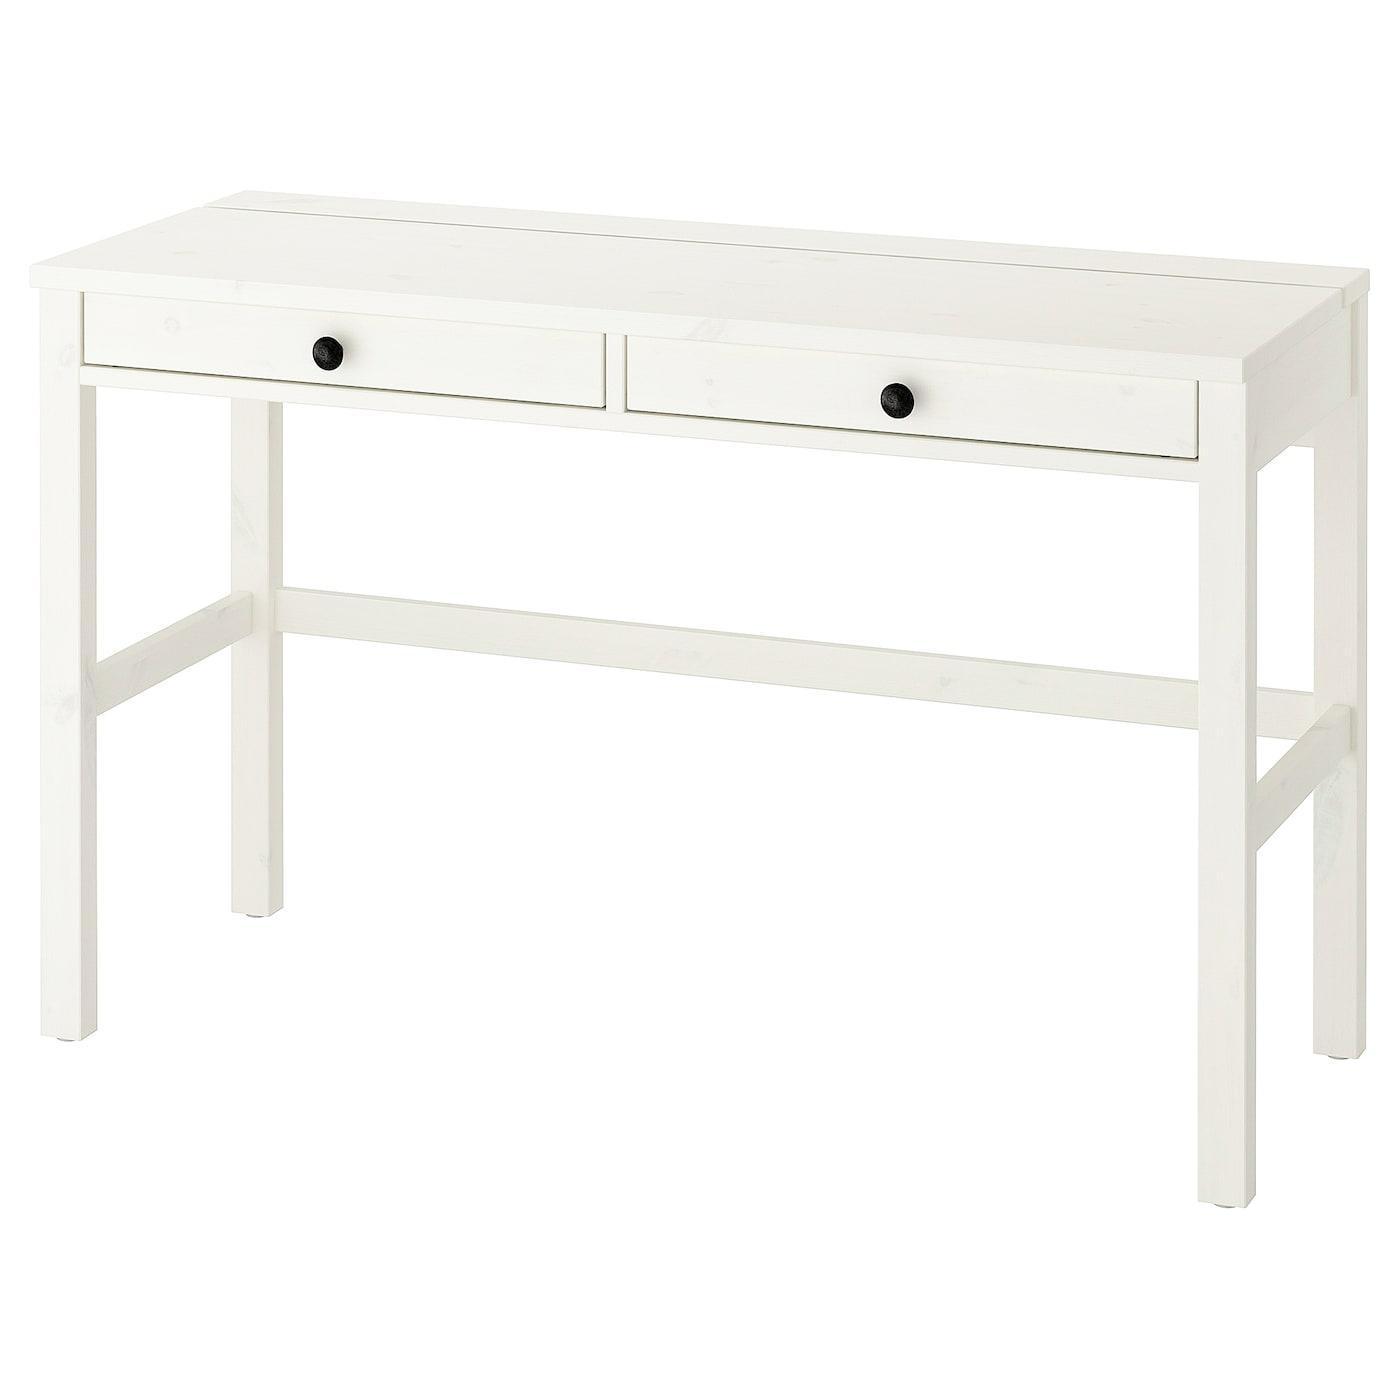 HEMNES Schreibtisch mit 2 Schubladen - weiß gebeizt 120x47 cm